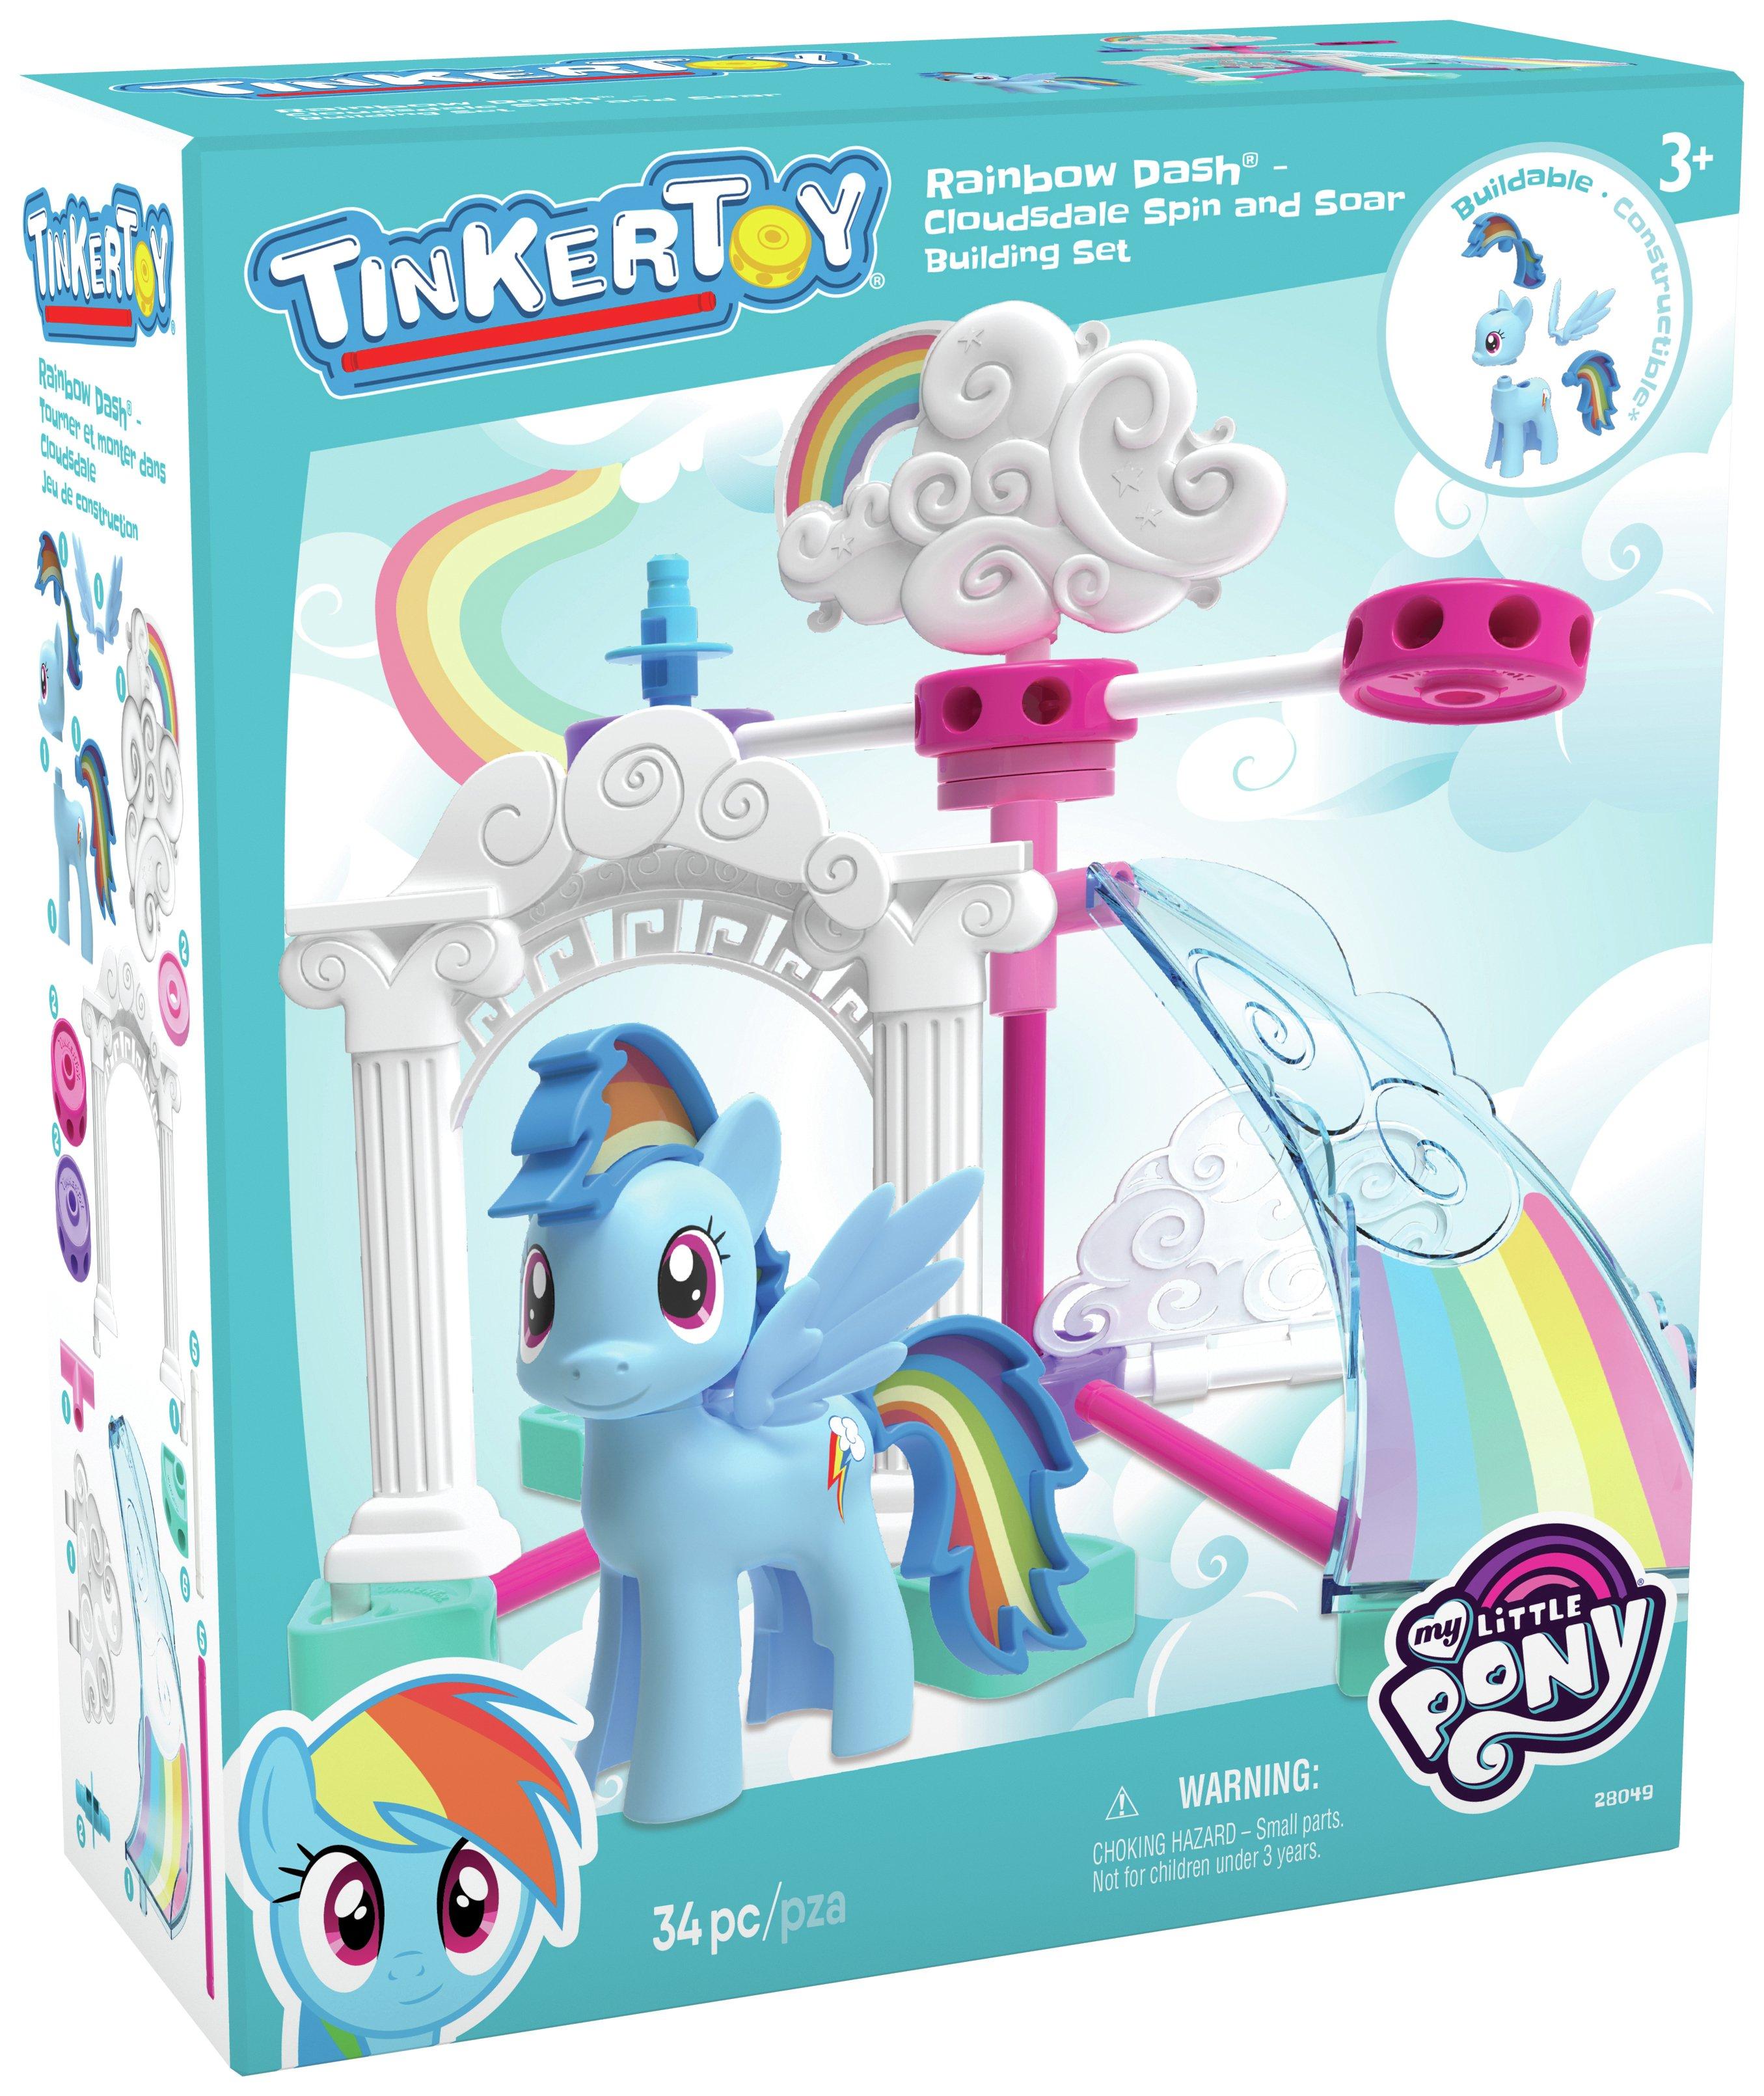 K'NEX My Little Pony Rainbow Dash Cloudsdale Building Set.